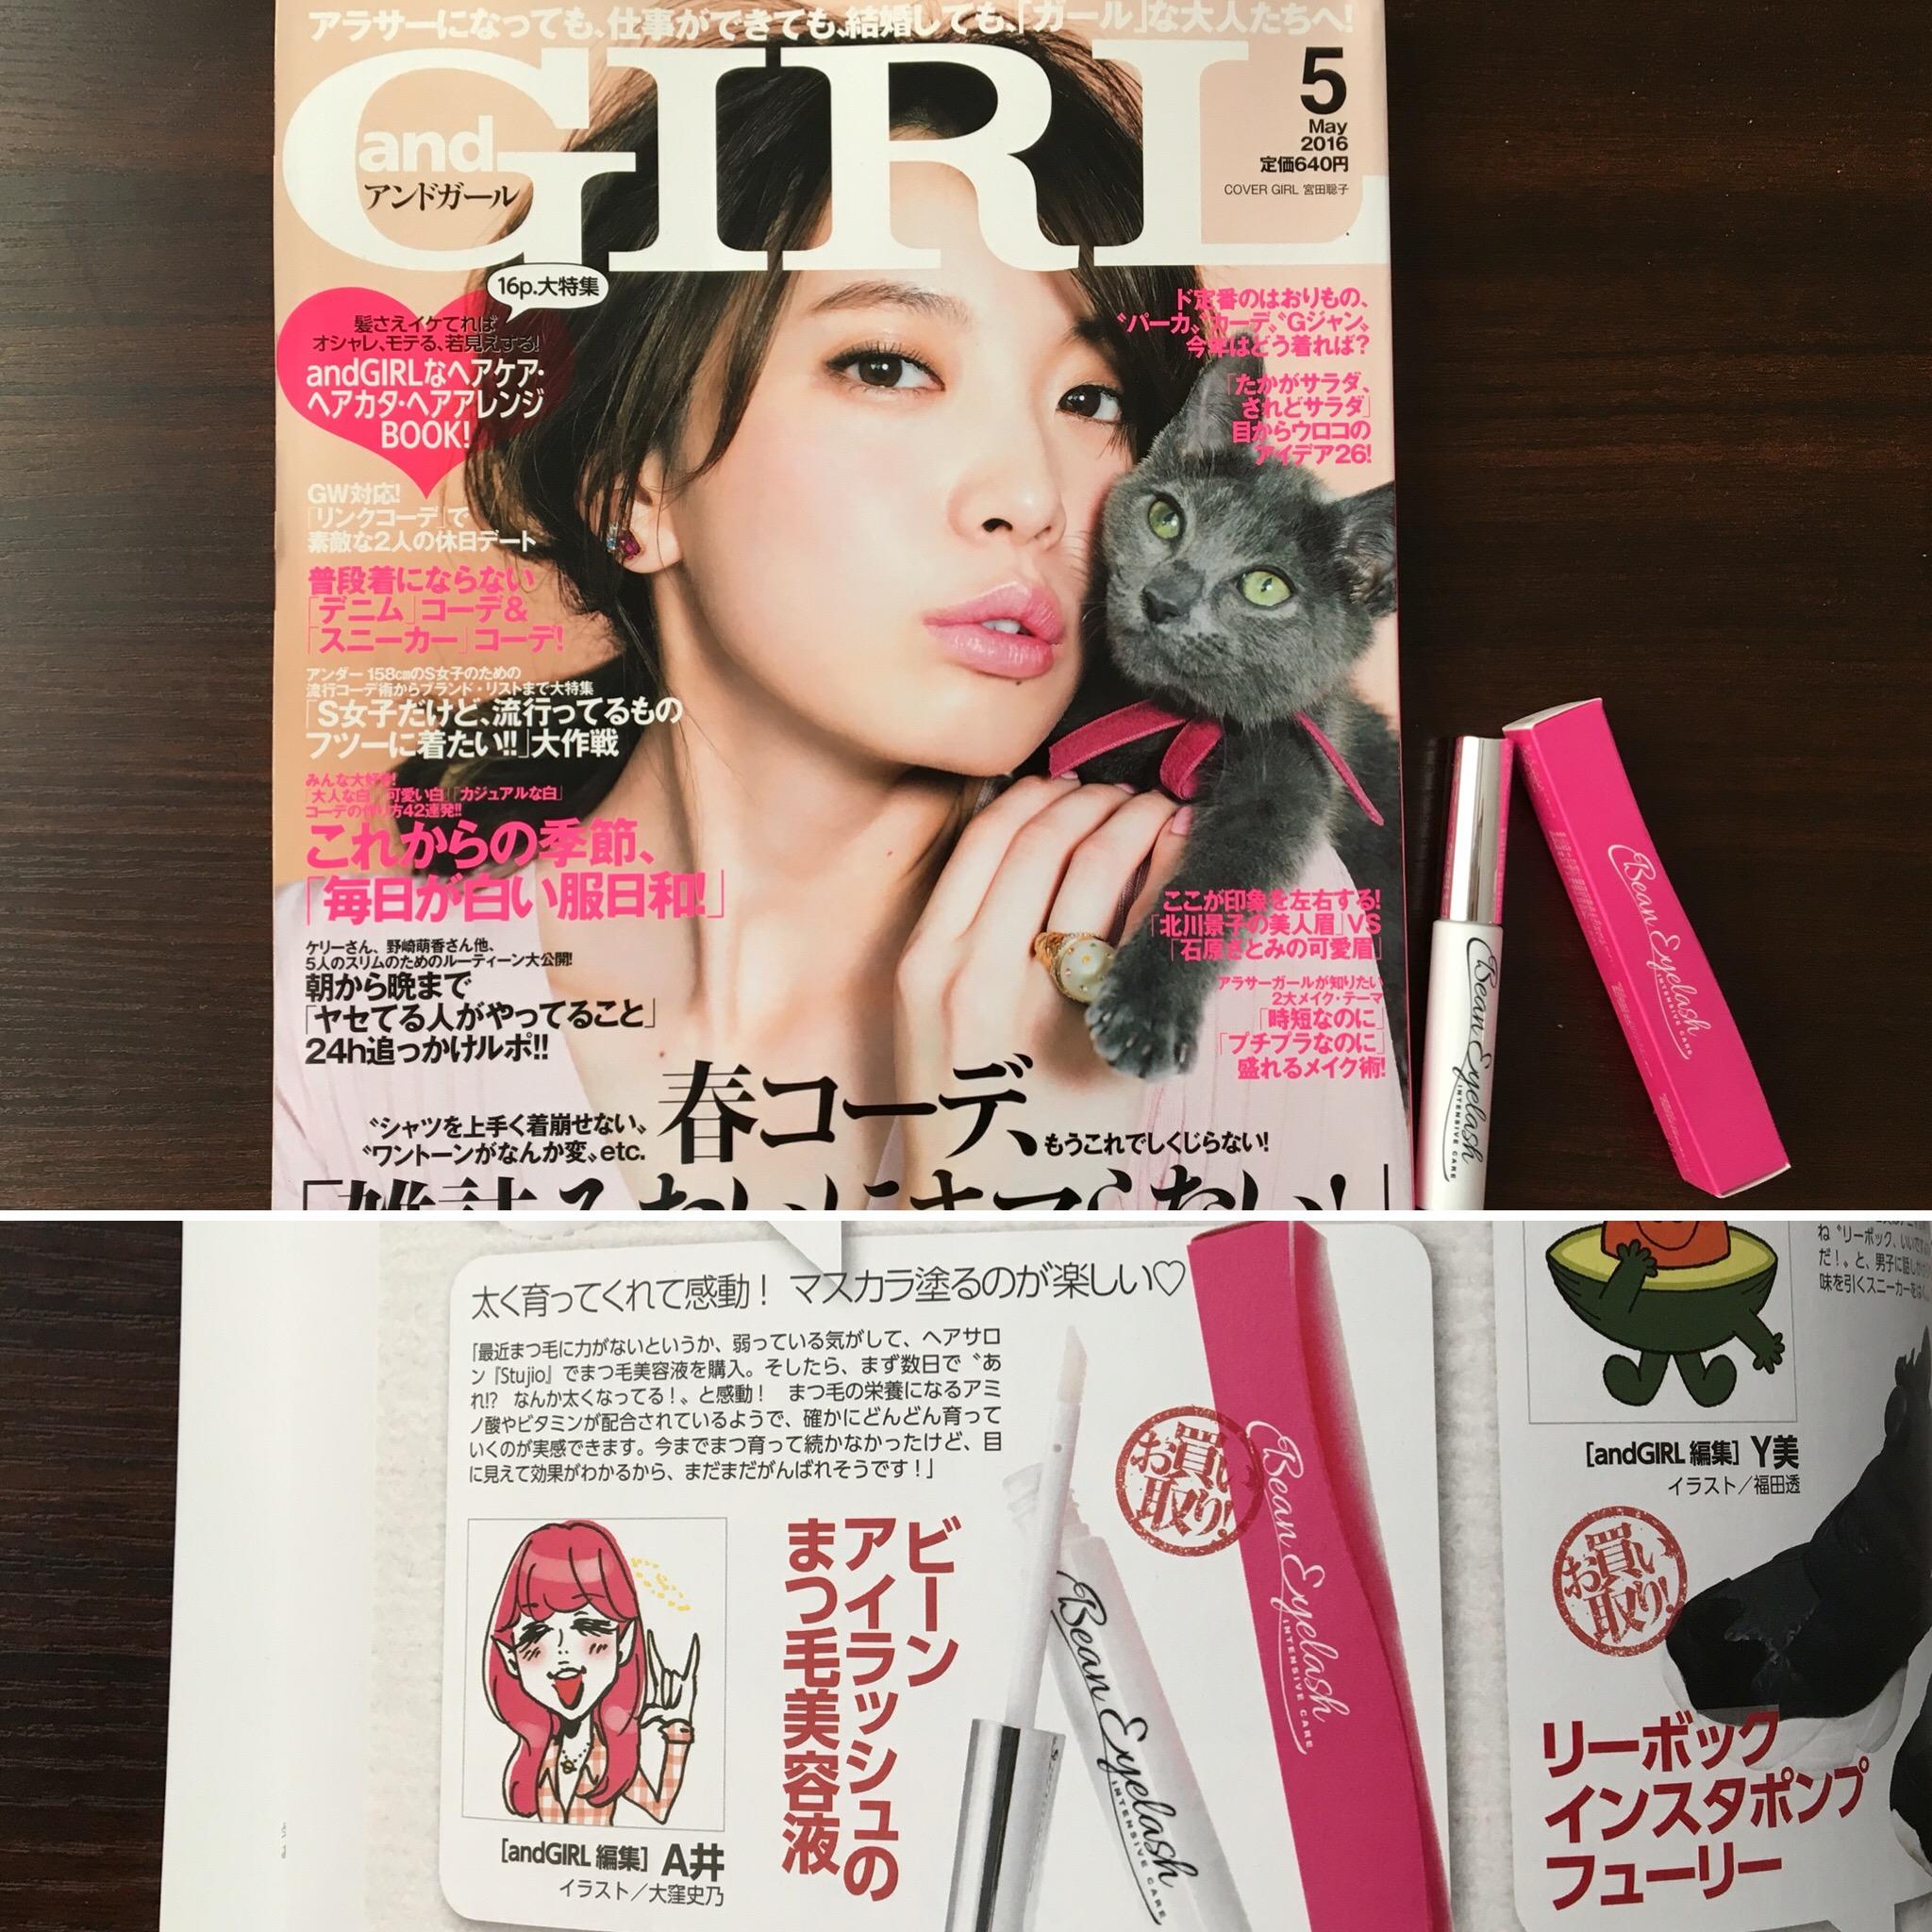 4月12日発売の雑誌【andGIRL】にまつ毛美容液ビーンアイラッシュが掲載されました!